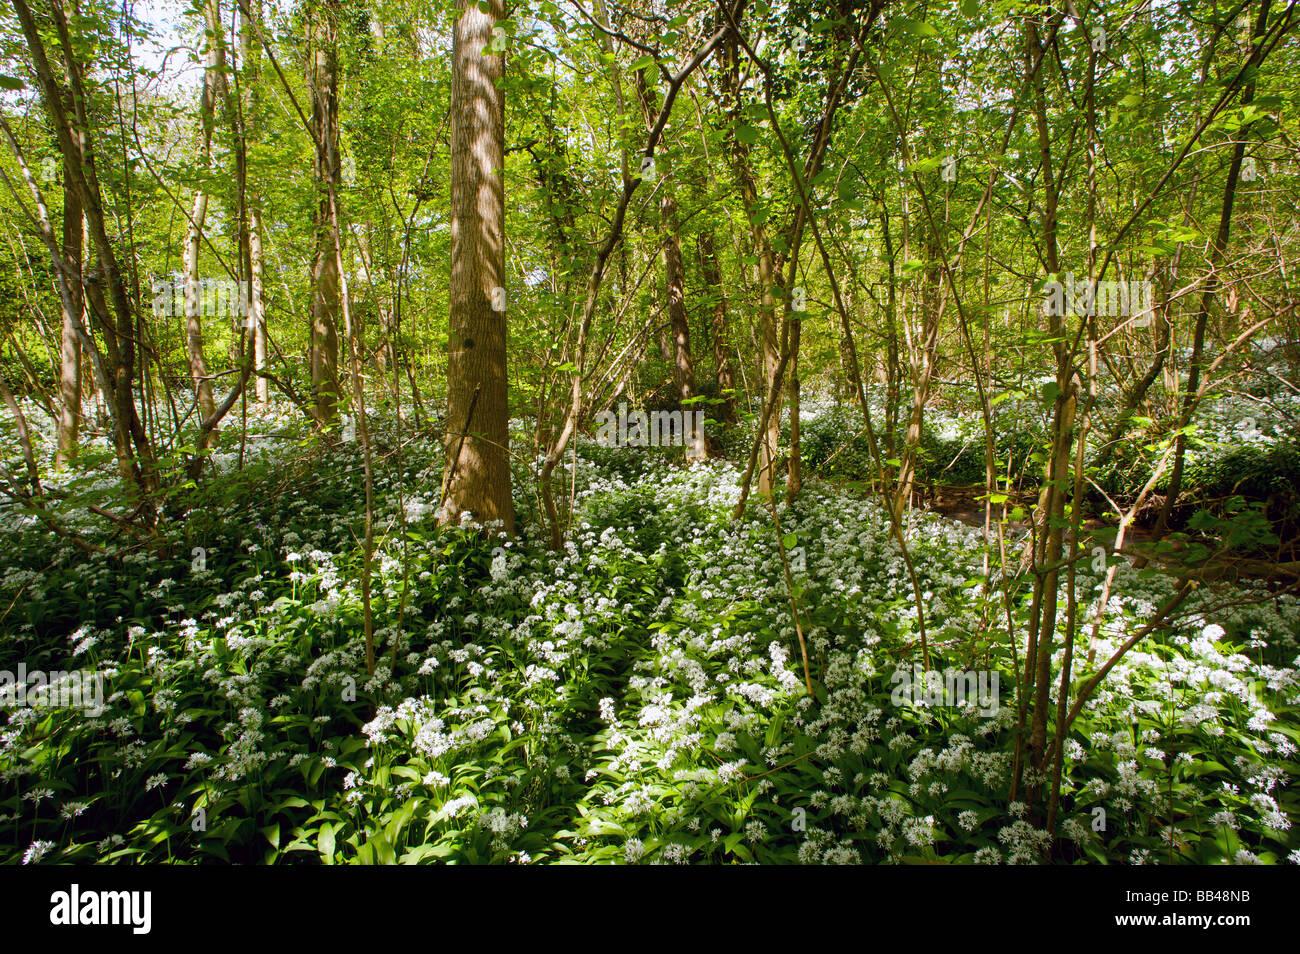 Bear garlic near river bed Stock Photo